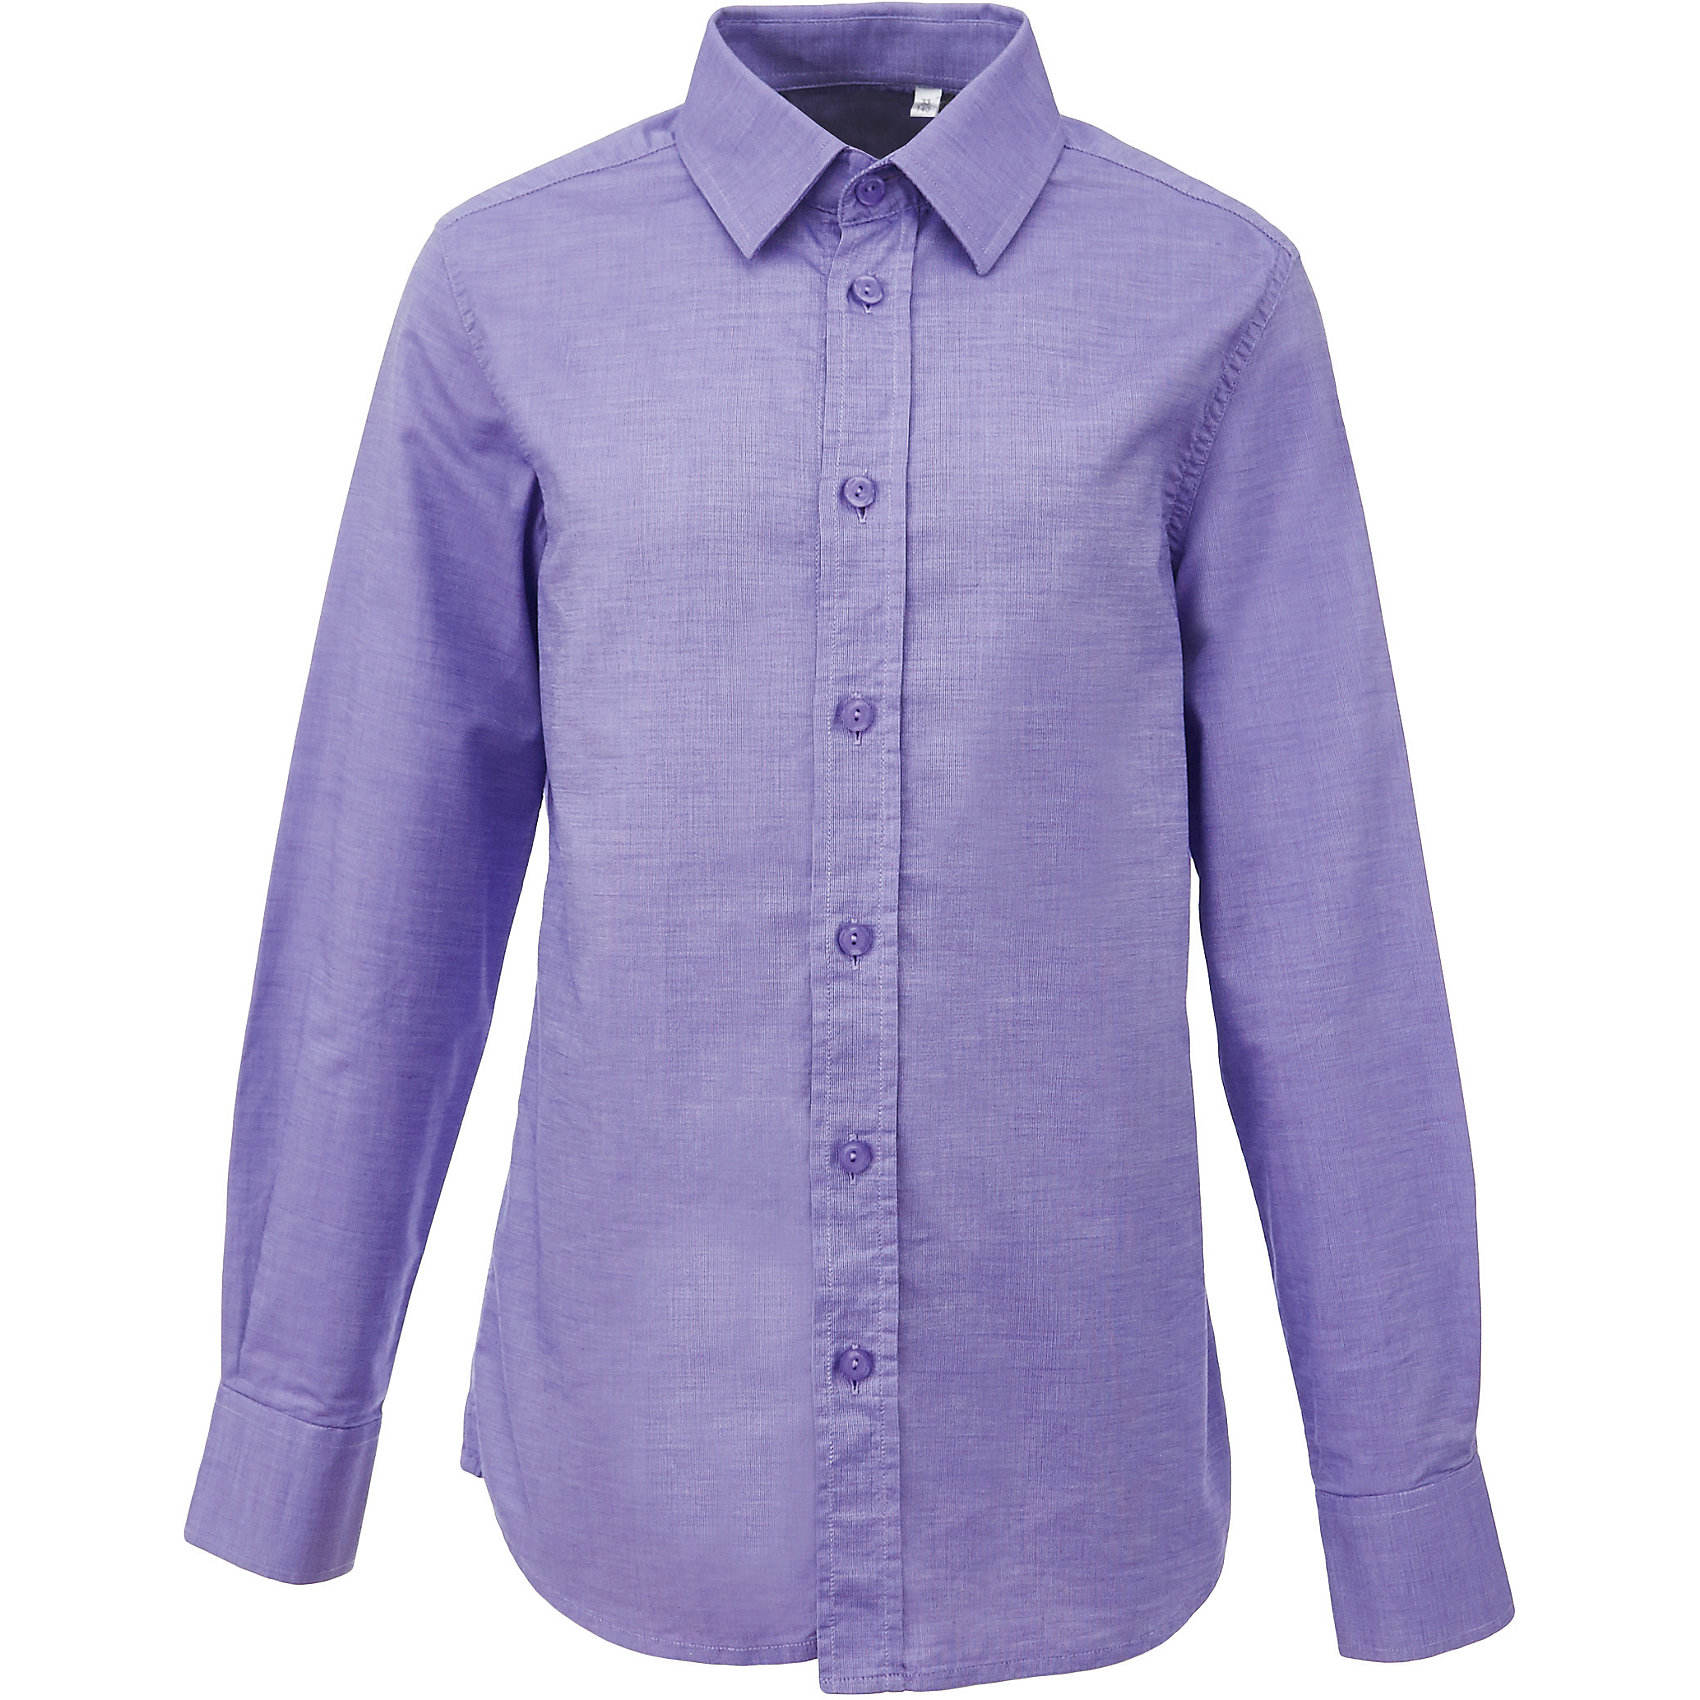 Рубашка для мальчика GulliverБлузки и рубашки<br>Характеристики товара:<br><br>• цвет: сиреневый<br>• состав: 100% хлопок<br>• сезон: круглый год<br>• особенности: школьная, повседневная<br>• воротник-стойка<br>• застежки: пуговицы<br>• с длинным рукавом<br>• манжеты на трех пуговицах<br>• страна бренда: Российская Федерация<br>• страна производства: Российская Федерация<br><br>Школьная рубашка с длинным рукавом для мальчика. Сиреневая рубашка застегивается на пуговицы, манжеты рукавов на трех пуговицах.<br><br>Рубашку для мальчика Gulliver (Гулливер) можно купить в нашем интернет-магазине.<br><br>Ширина мм: 174<br>Глубина мм: 10<br>Высота мм: 169<br>Вес г: 157<br>Цвет: лиловый<br>Возраст от месяцев: 168<br>Возраст до месяцев: 180<br>Пол: Мужской<br>Возраст: Детский<br>Размер: 170,122,128,134,140,146,152,158,164<br>SKU: 6678286